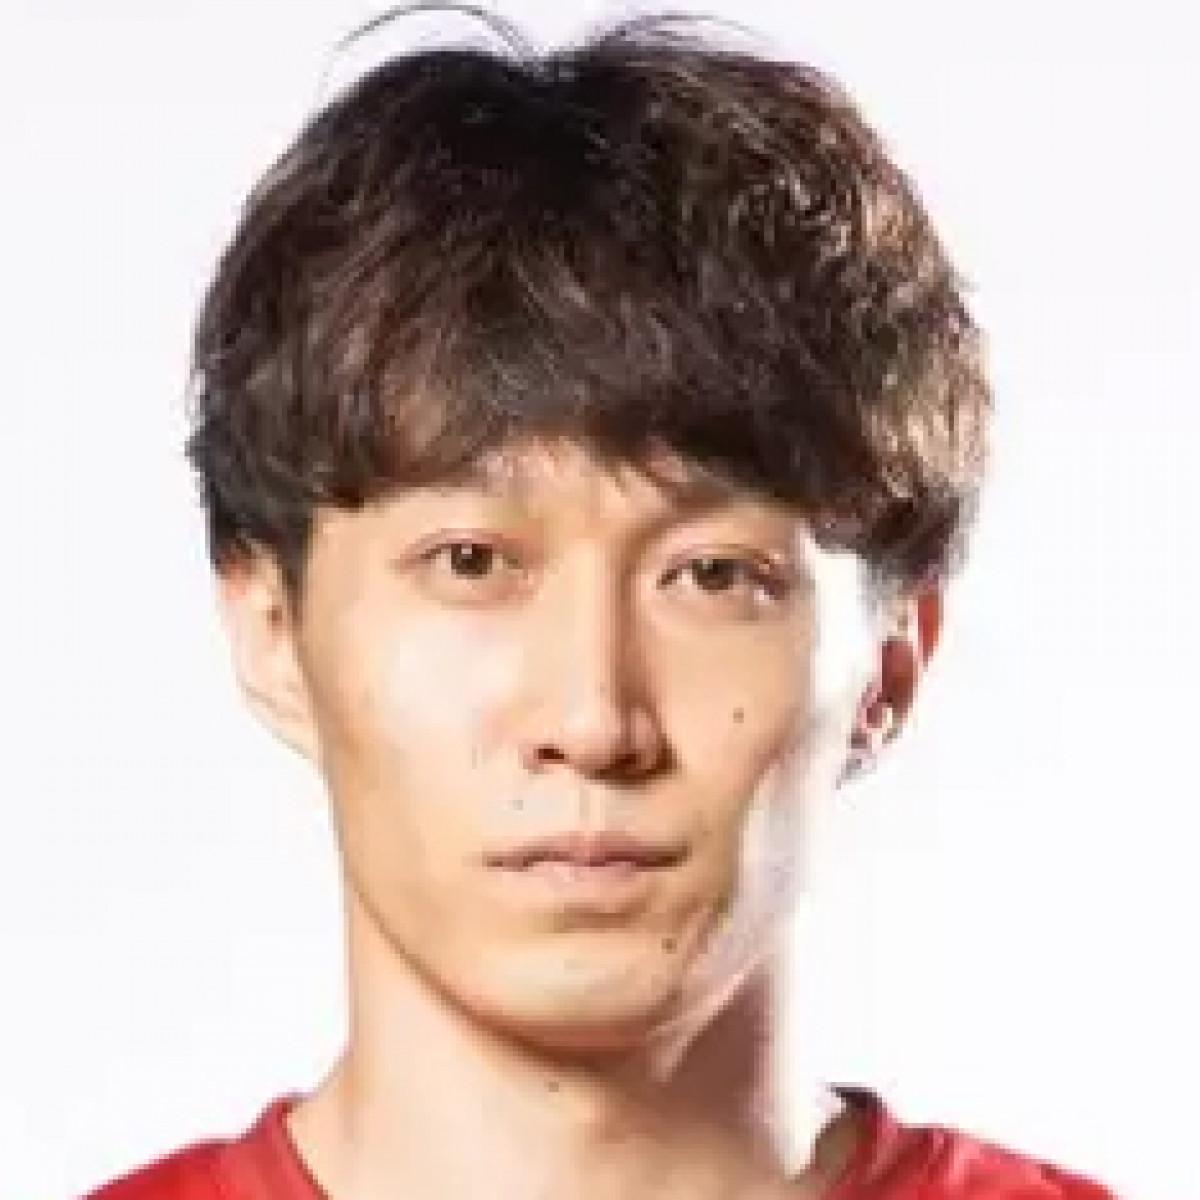 Kosuke Taneichi